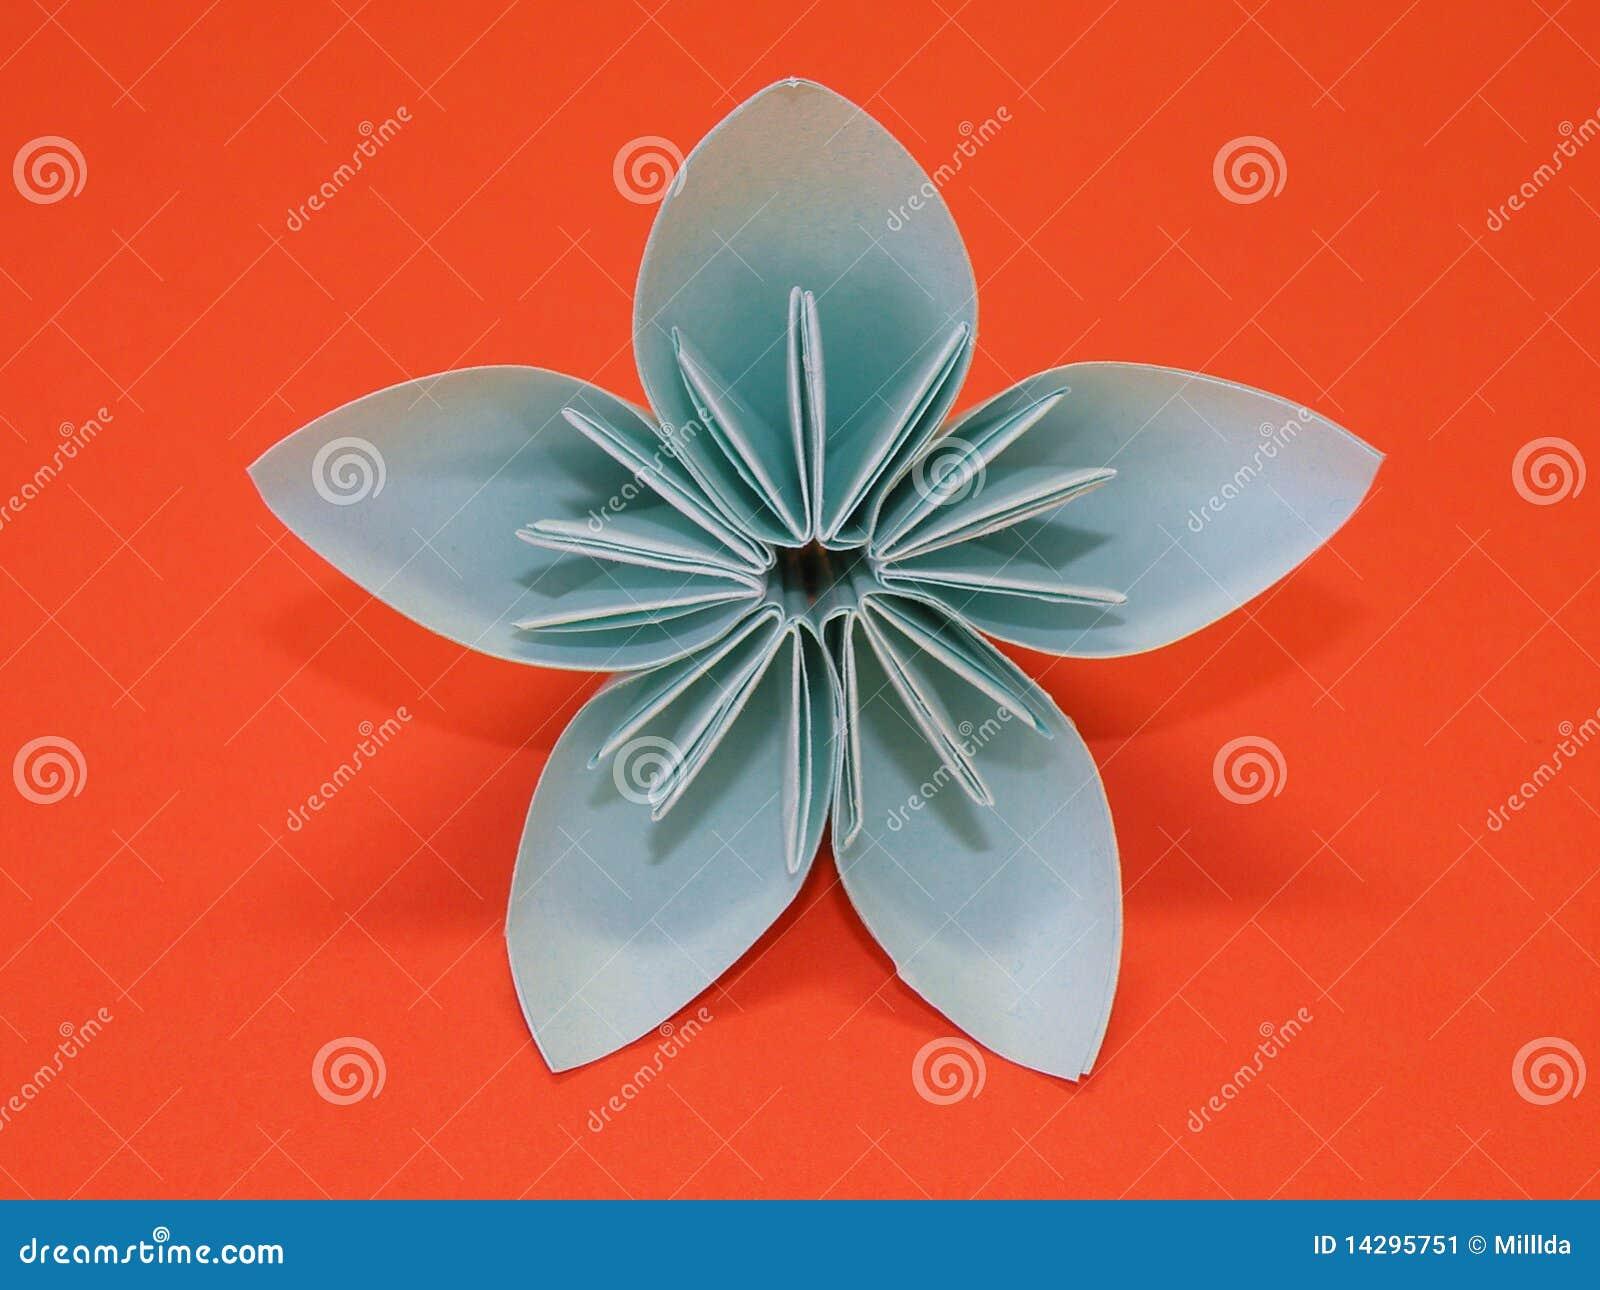 Blaue origami blume getrennt auf orange hintergrund